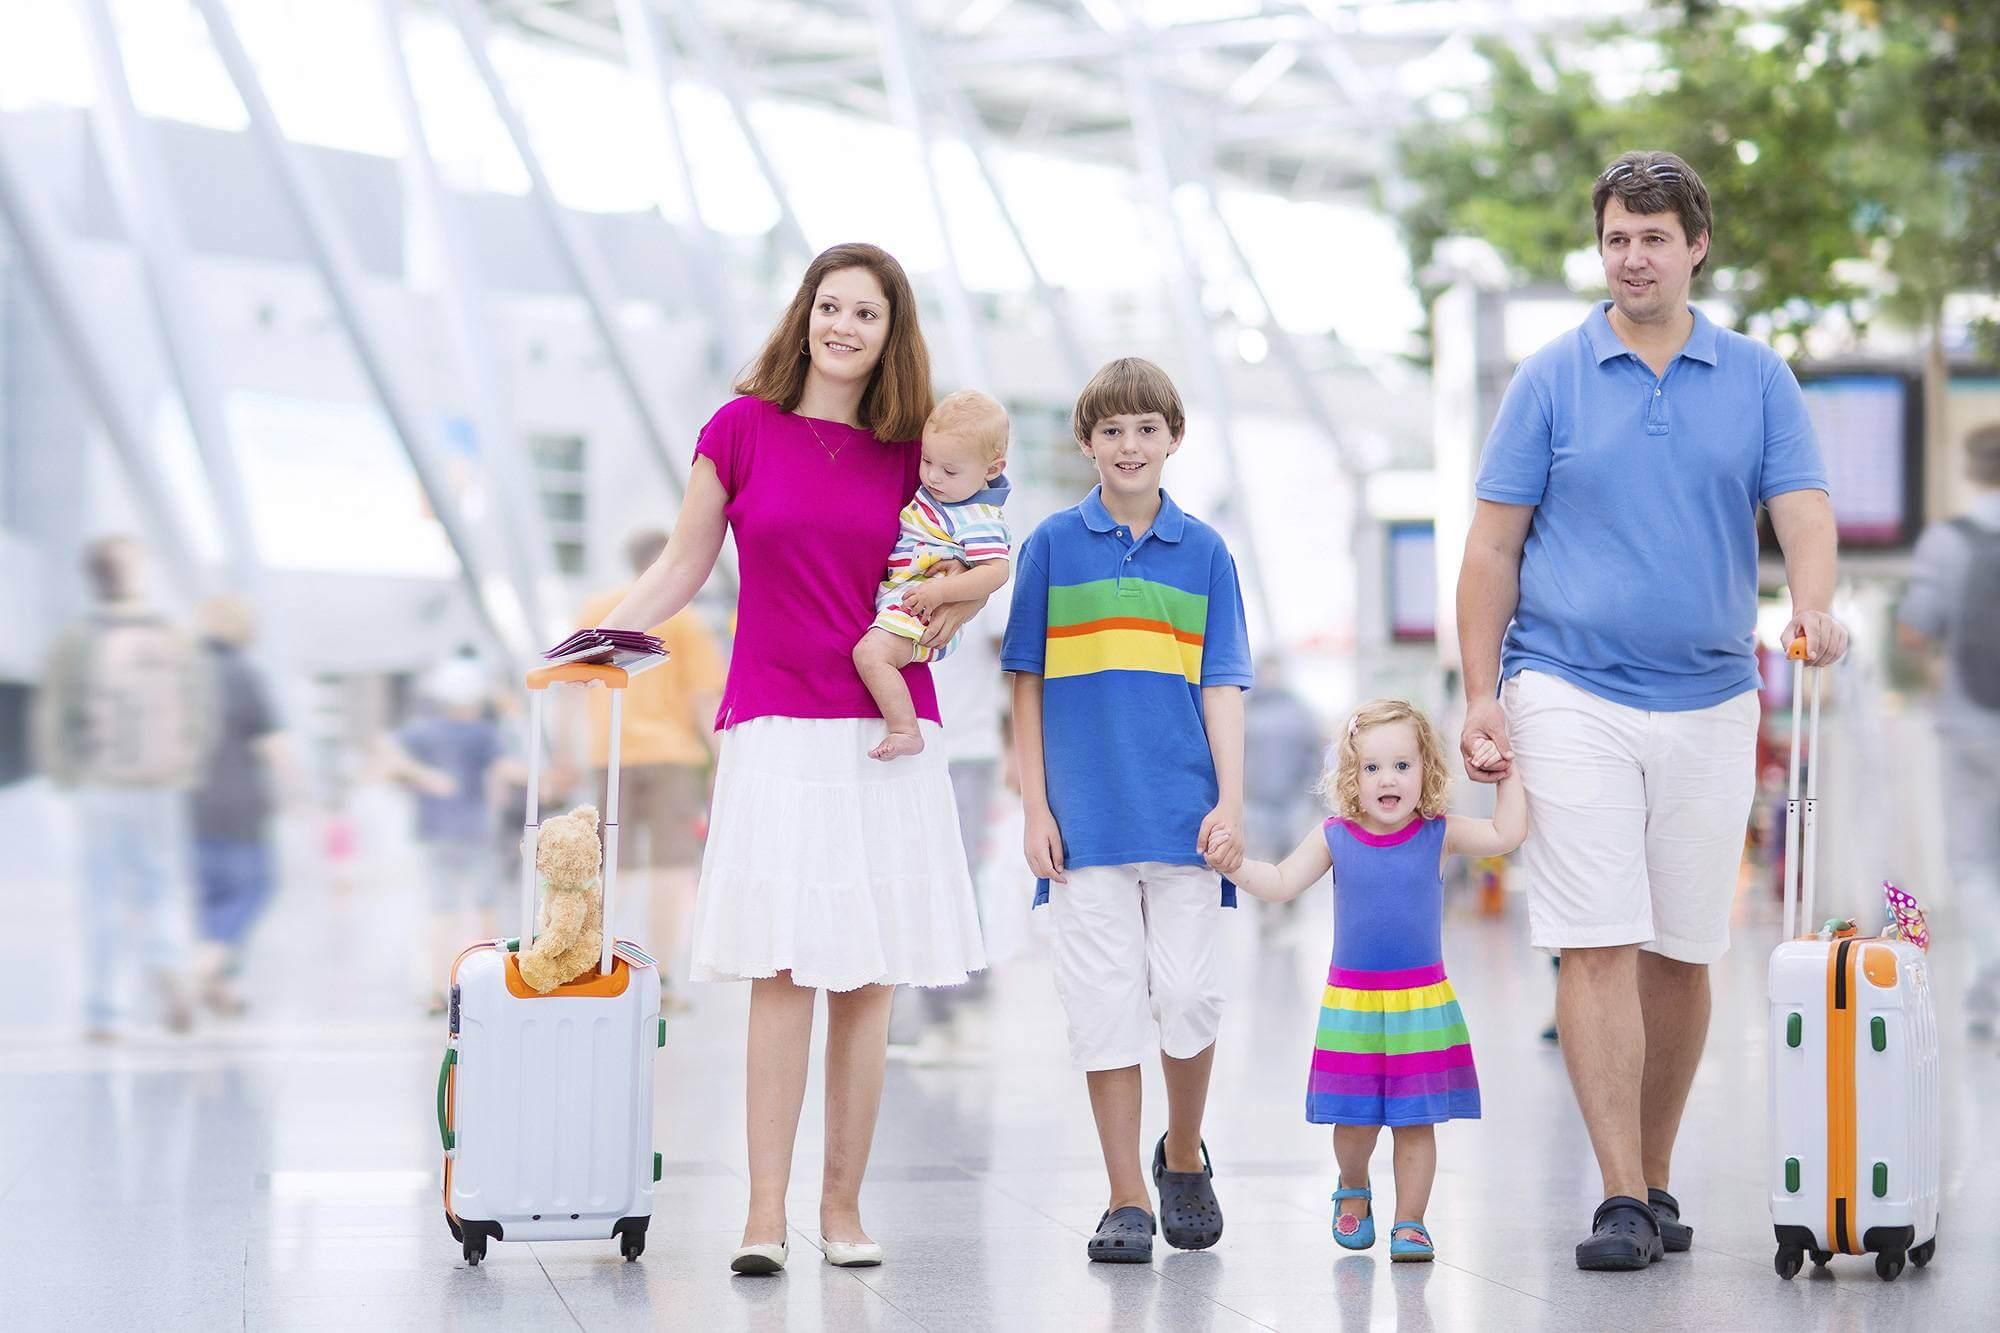 Veja Por Que Os Pais Devem Gastar Menos Com Brinquedos e Ter Mais Férias Em Família